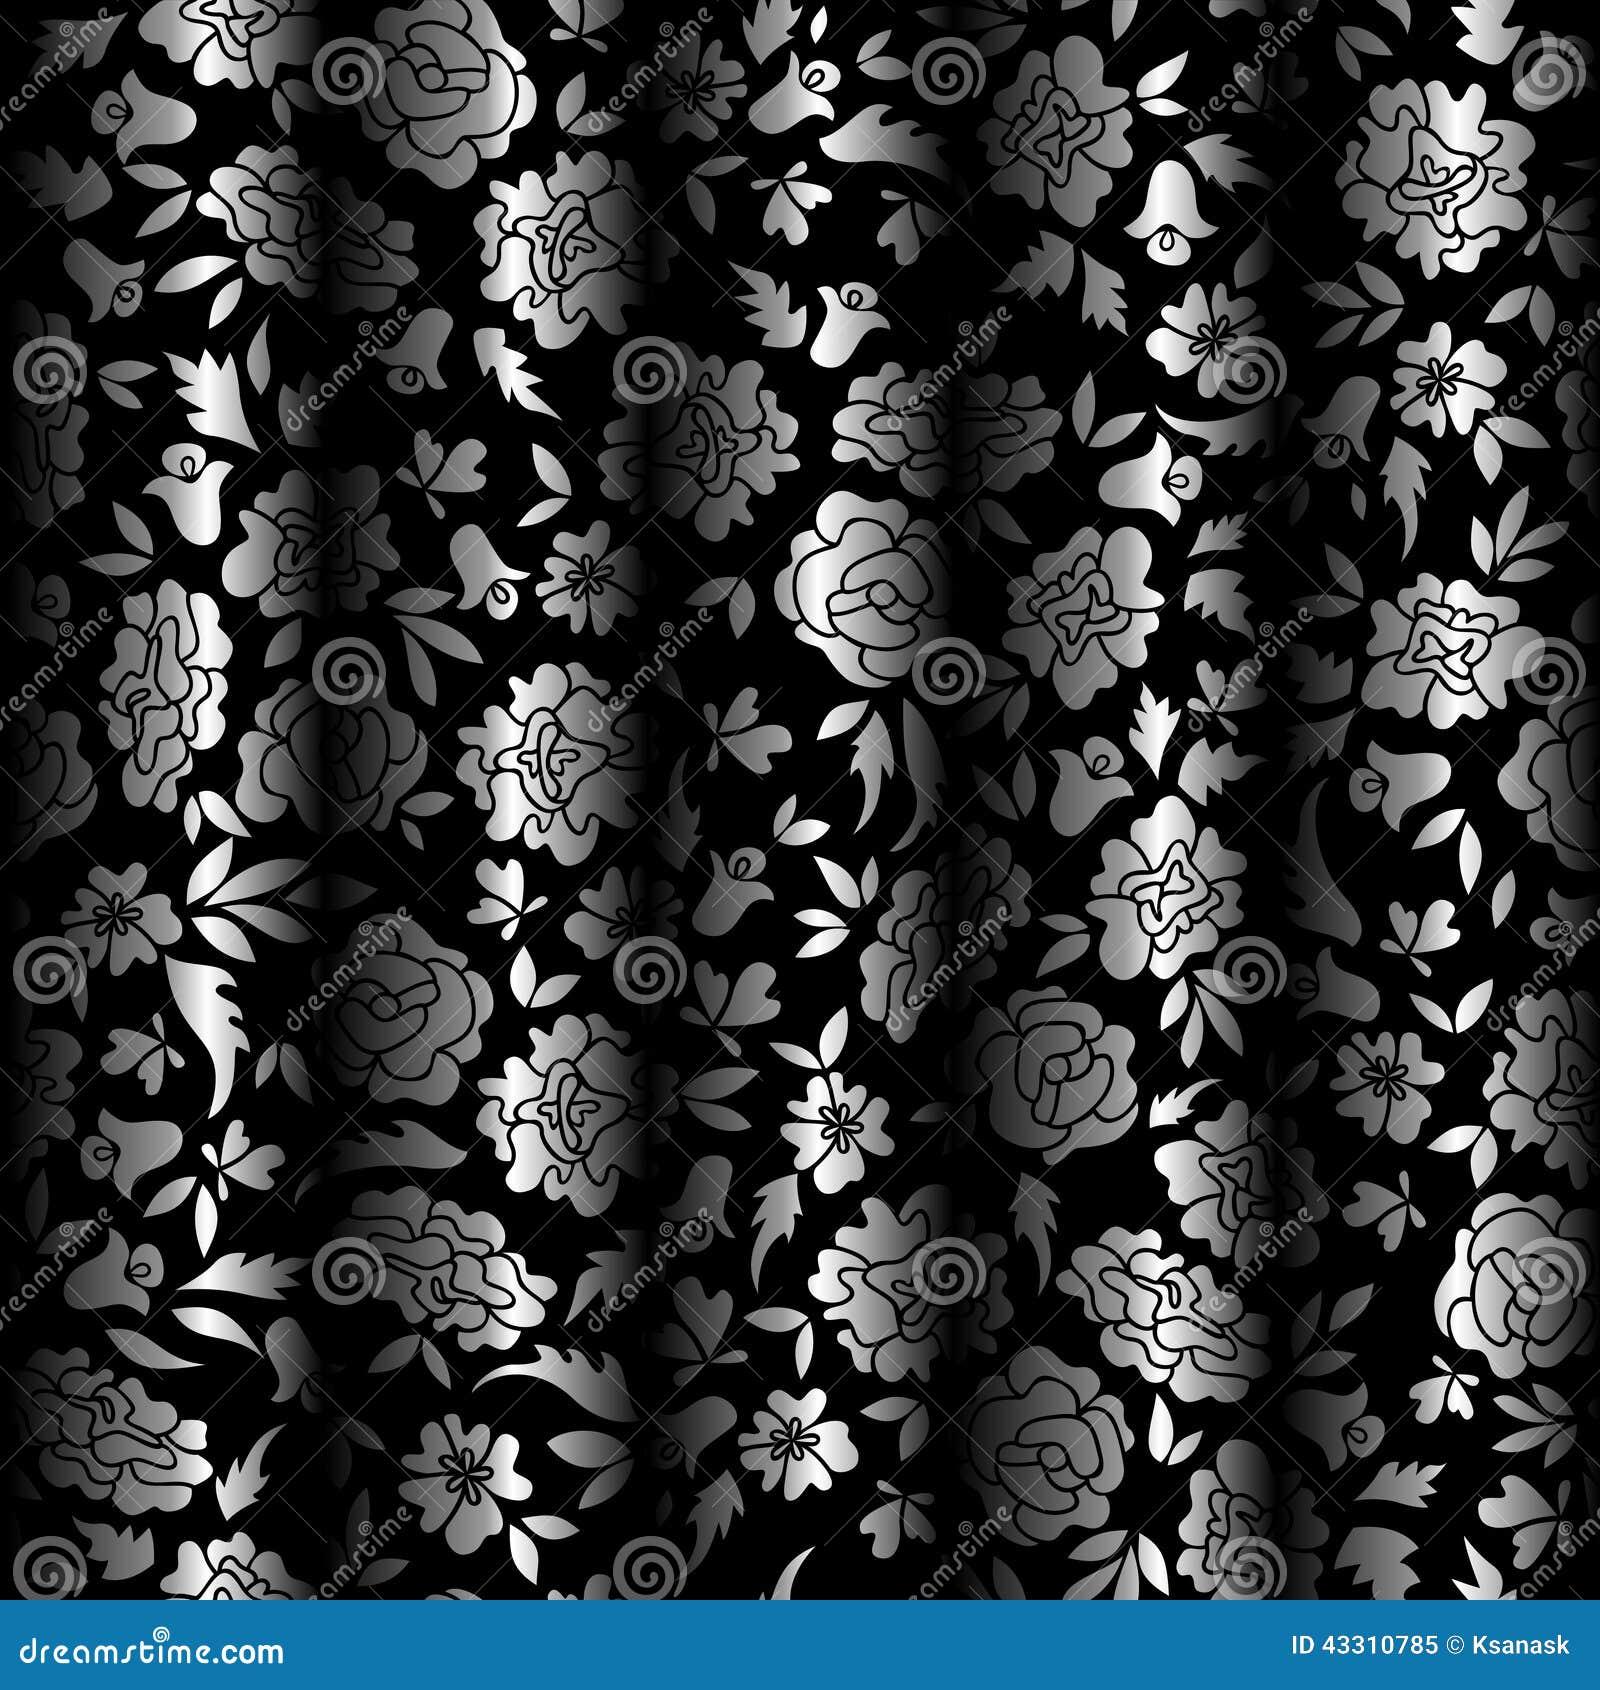 silver leaf pattern wallpaper